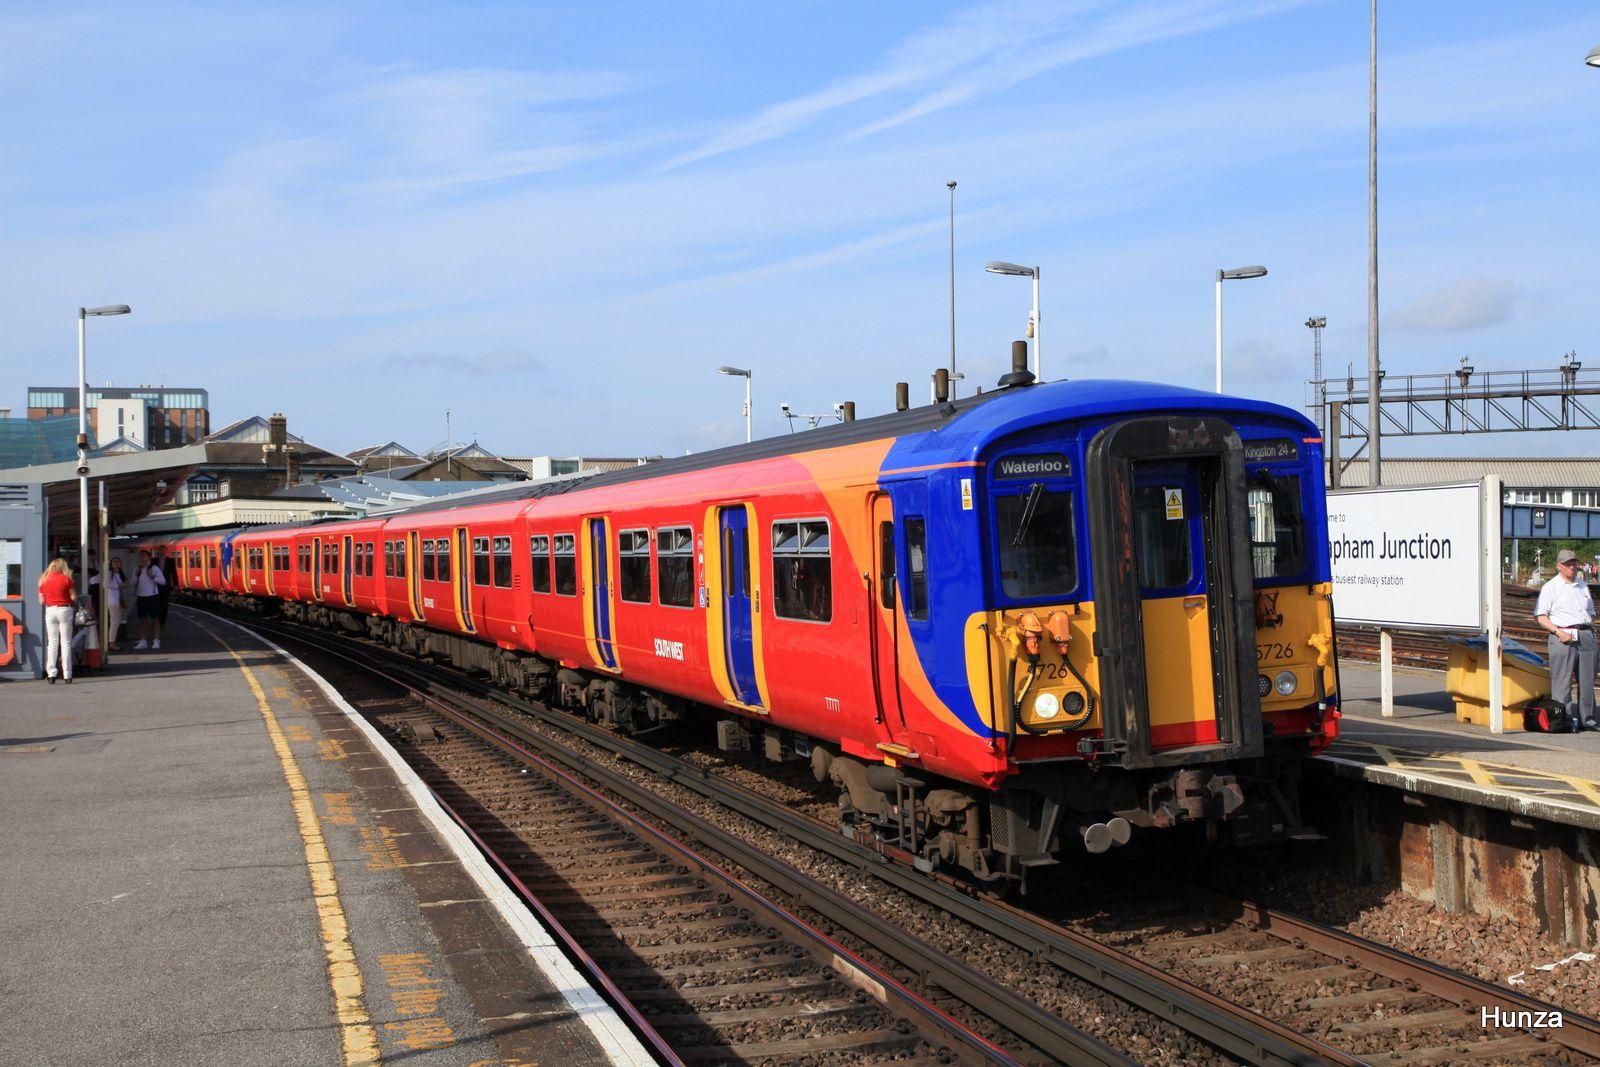 """Clapham Junction : class 455/7 n°455 726 de la """"South West Trains"""" à destination de Waterloo station (31 juillet 2014)"""